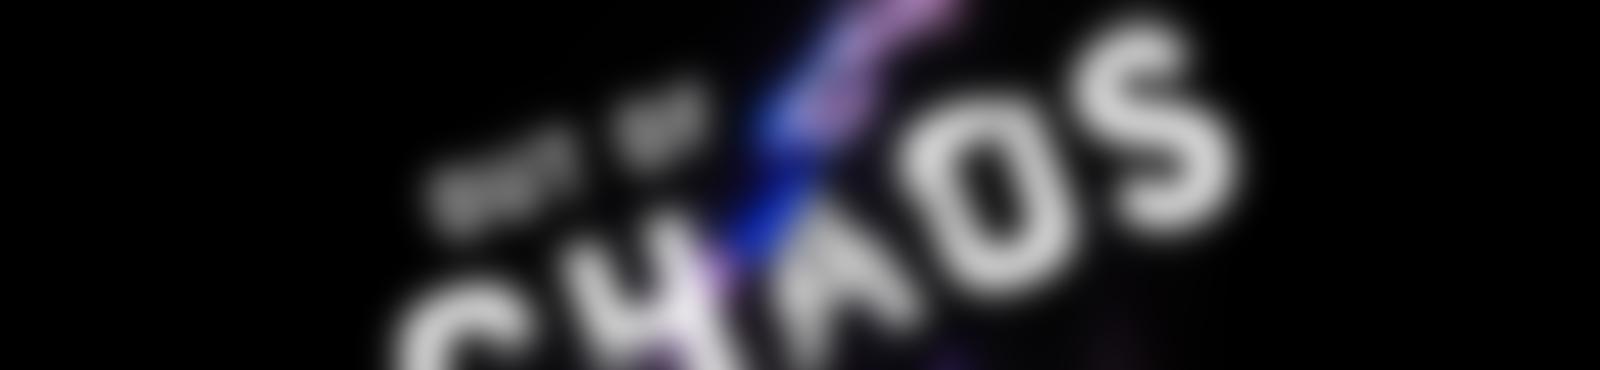 Blurred f9de9b09 b710 481d bf1c fff63e8986fd